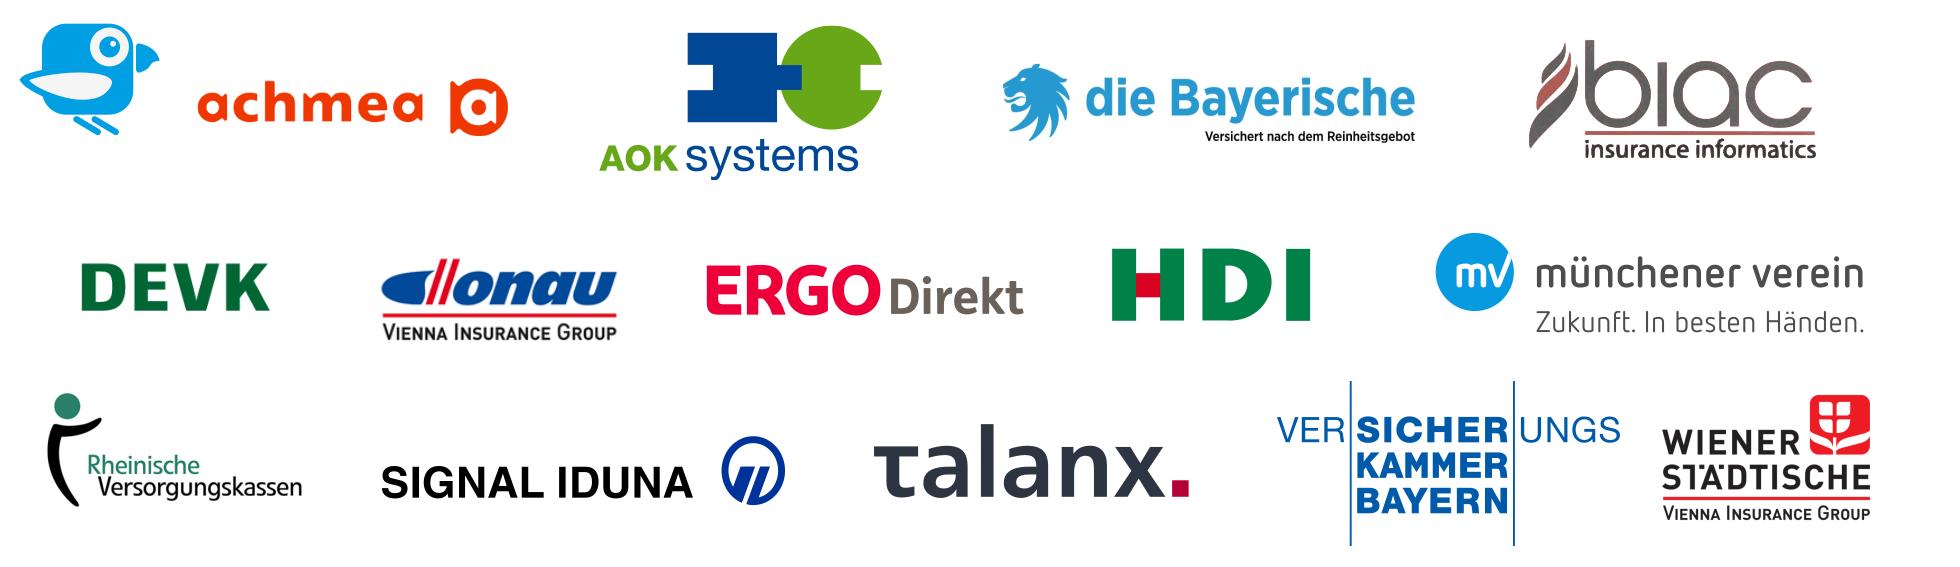 Community references: AOK, BIAC, Münchener Verein, Signal Iduna, Talanx, Achmea, ERGO Direkt